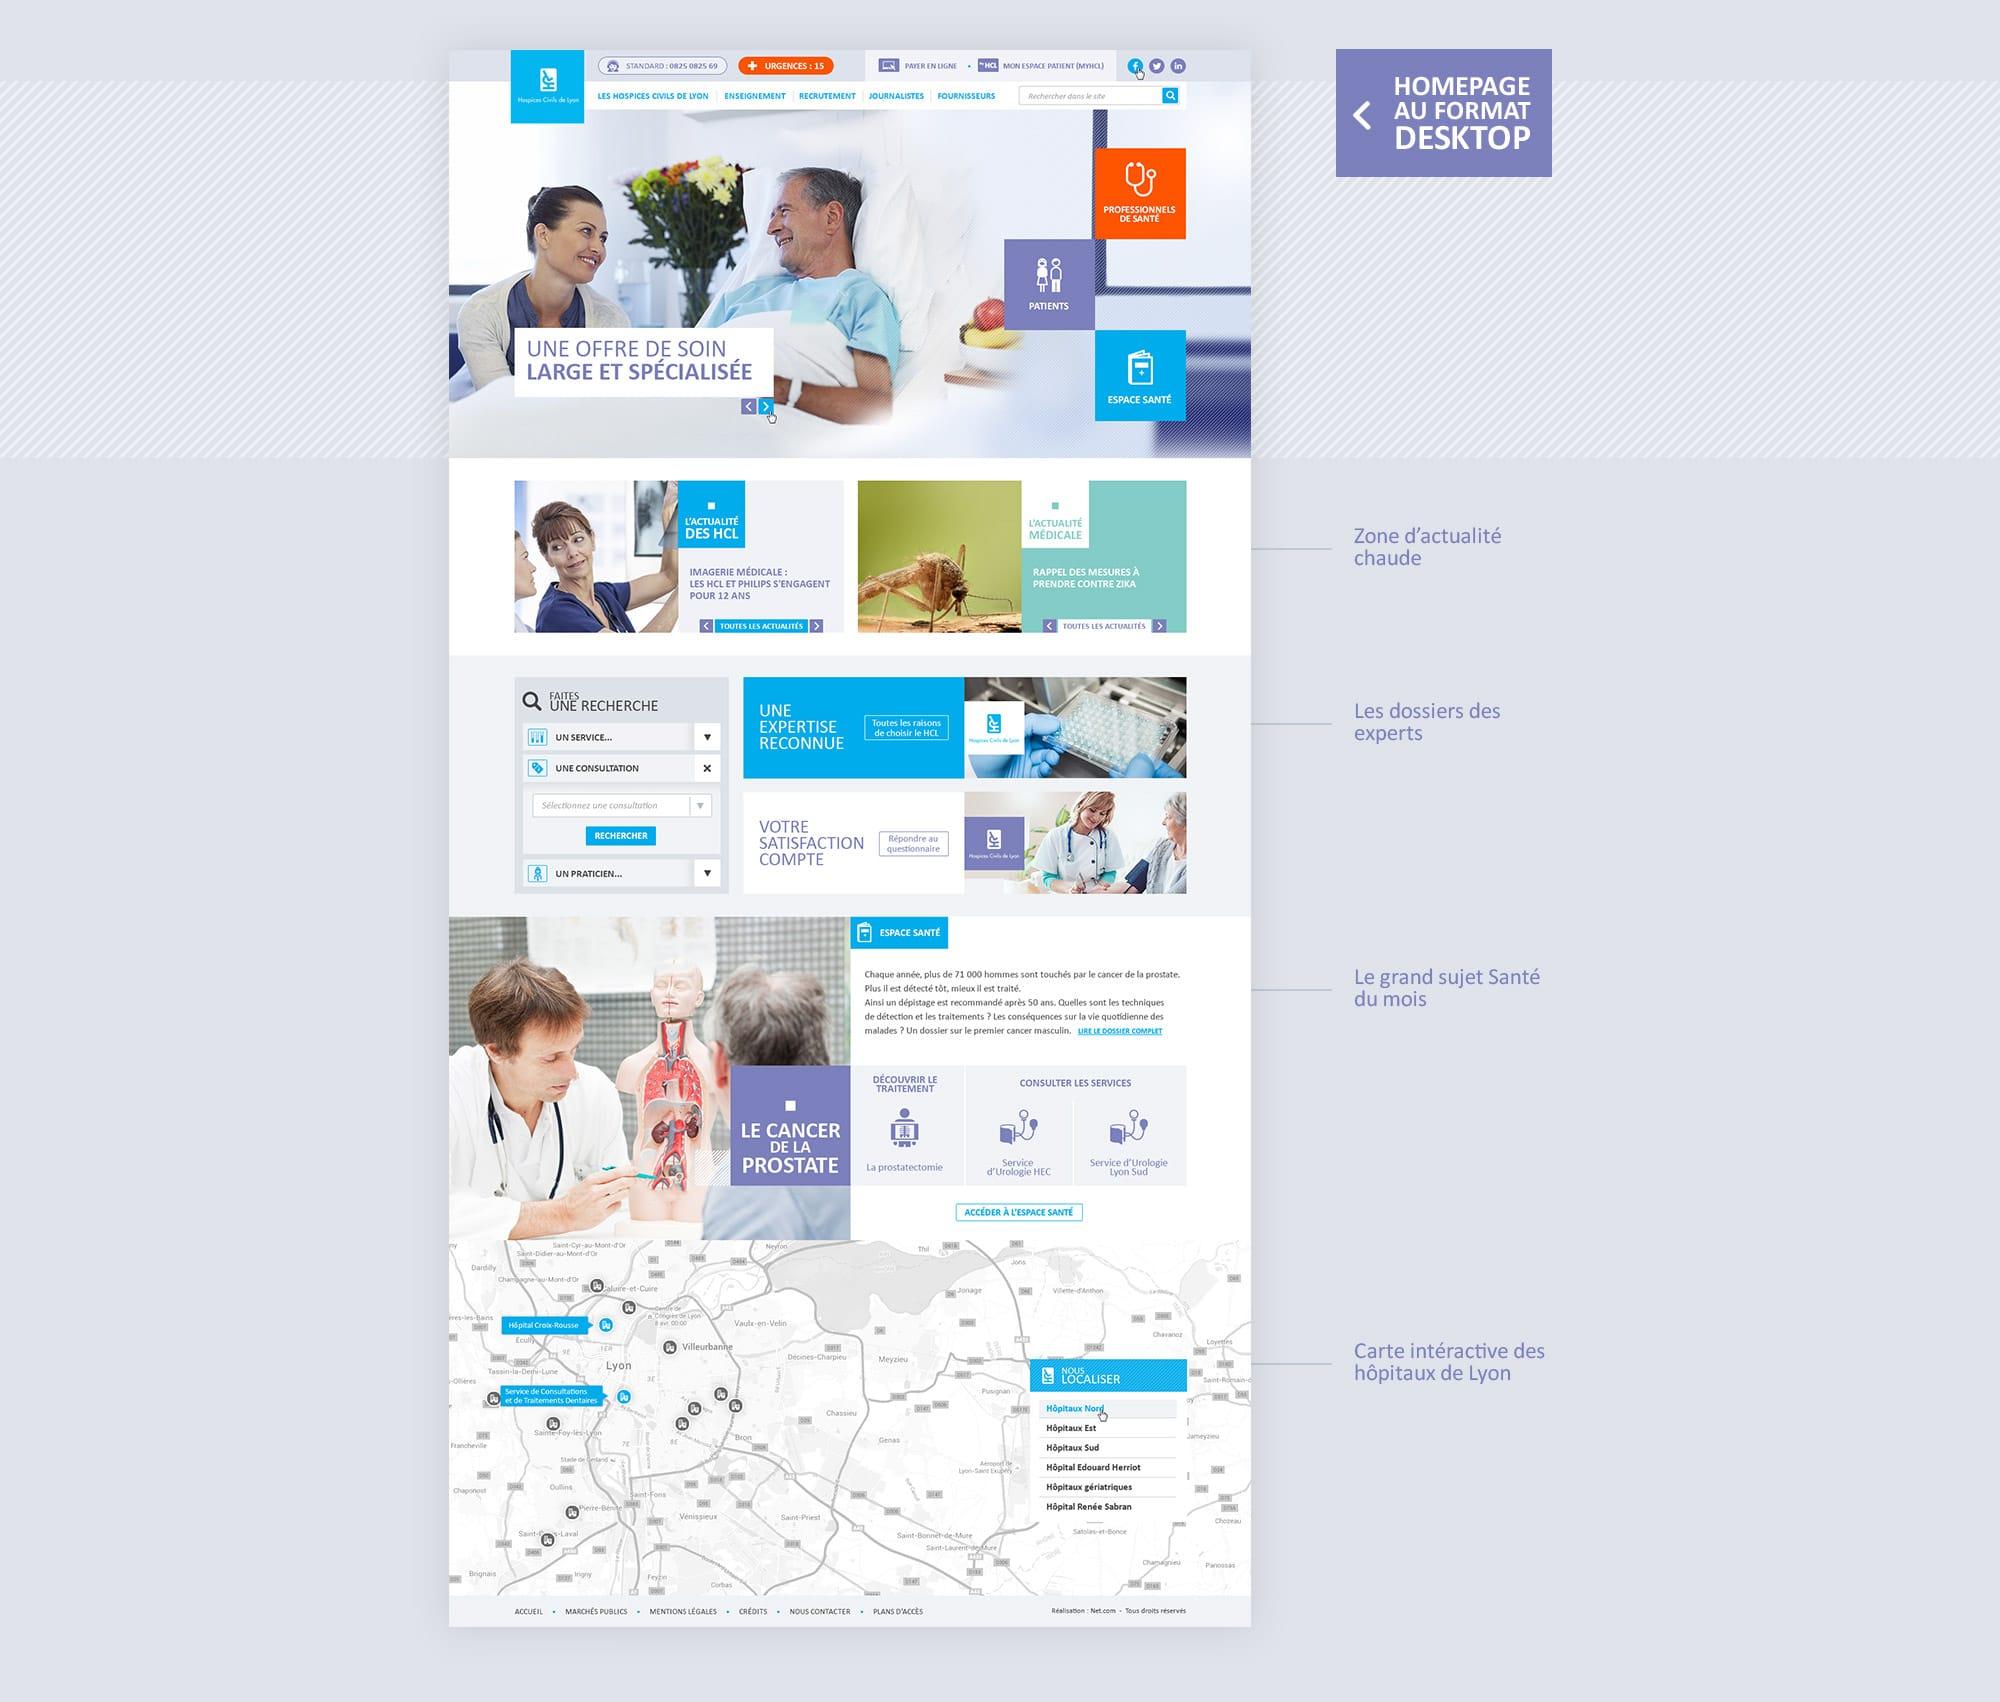 Création du design web de la homepage